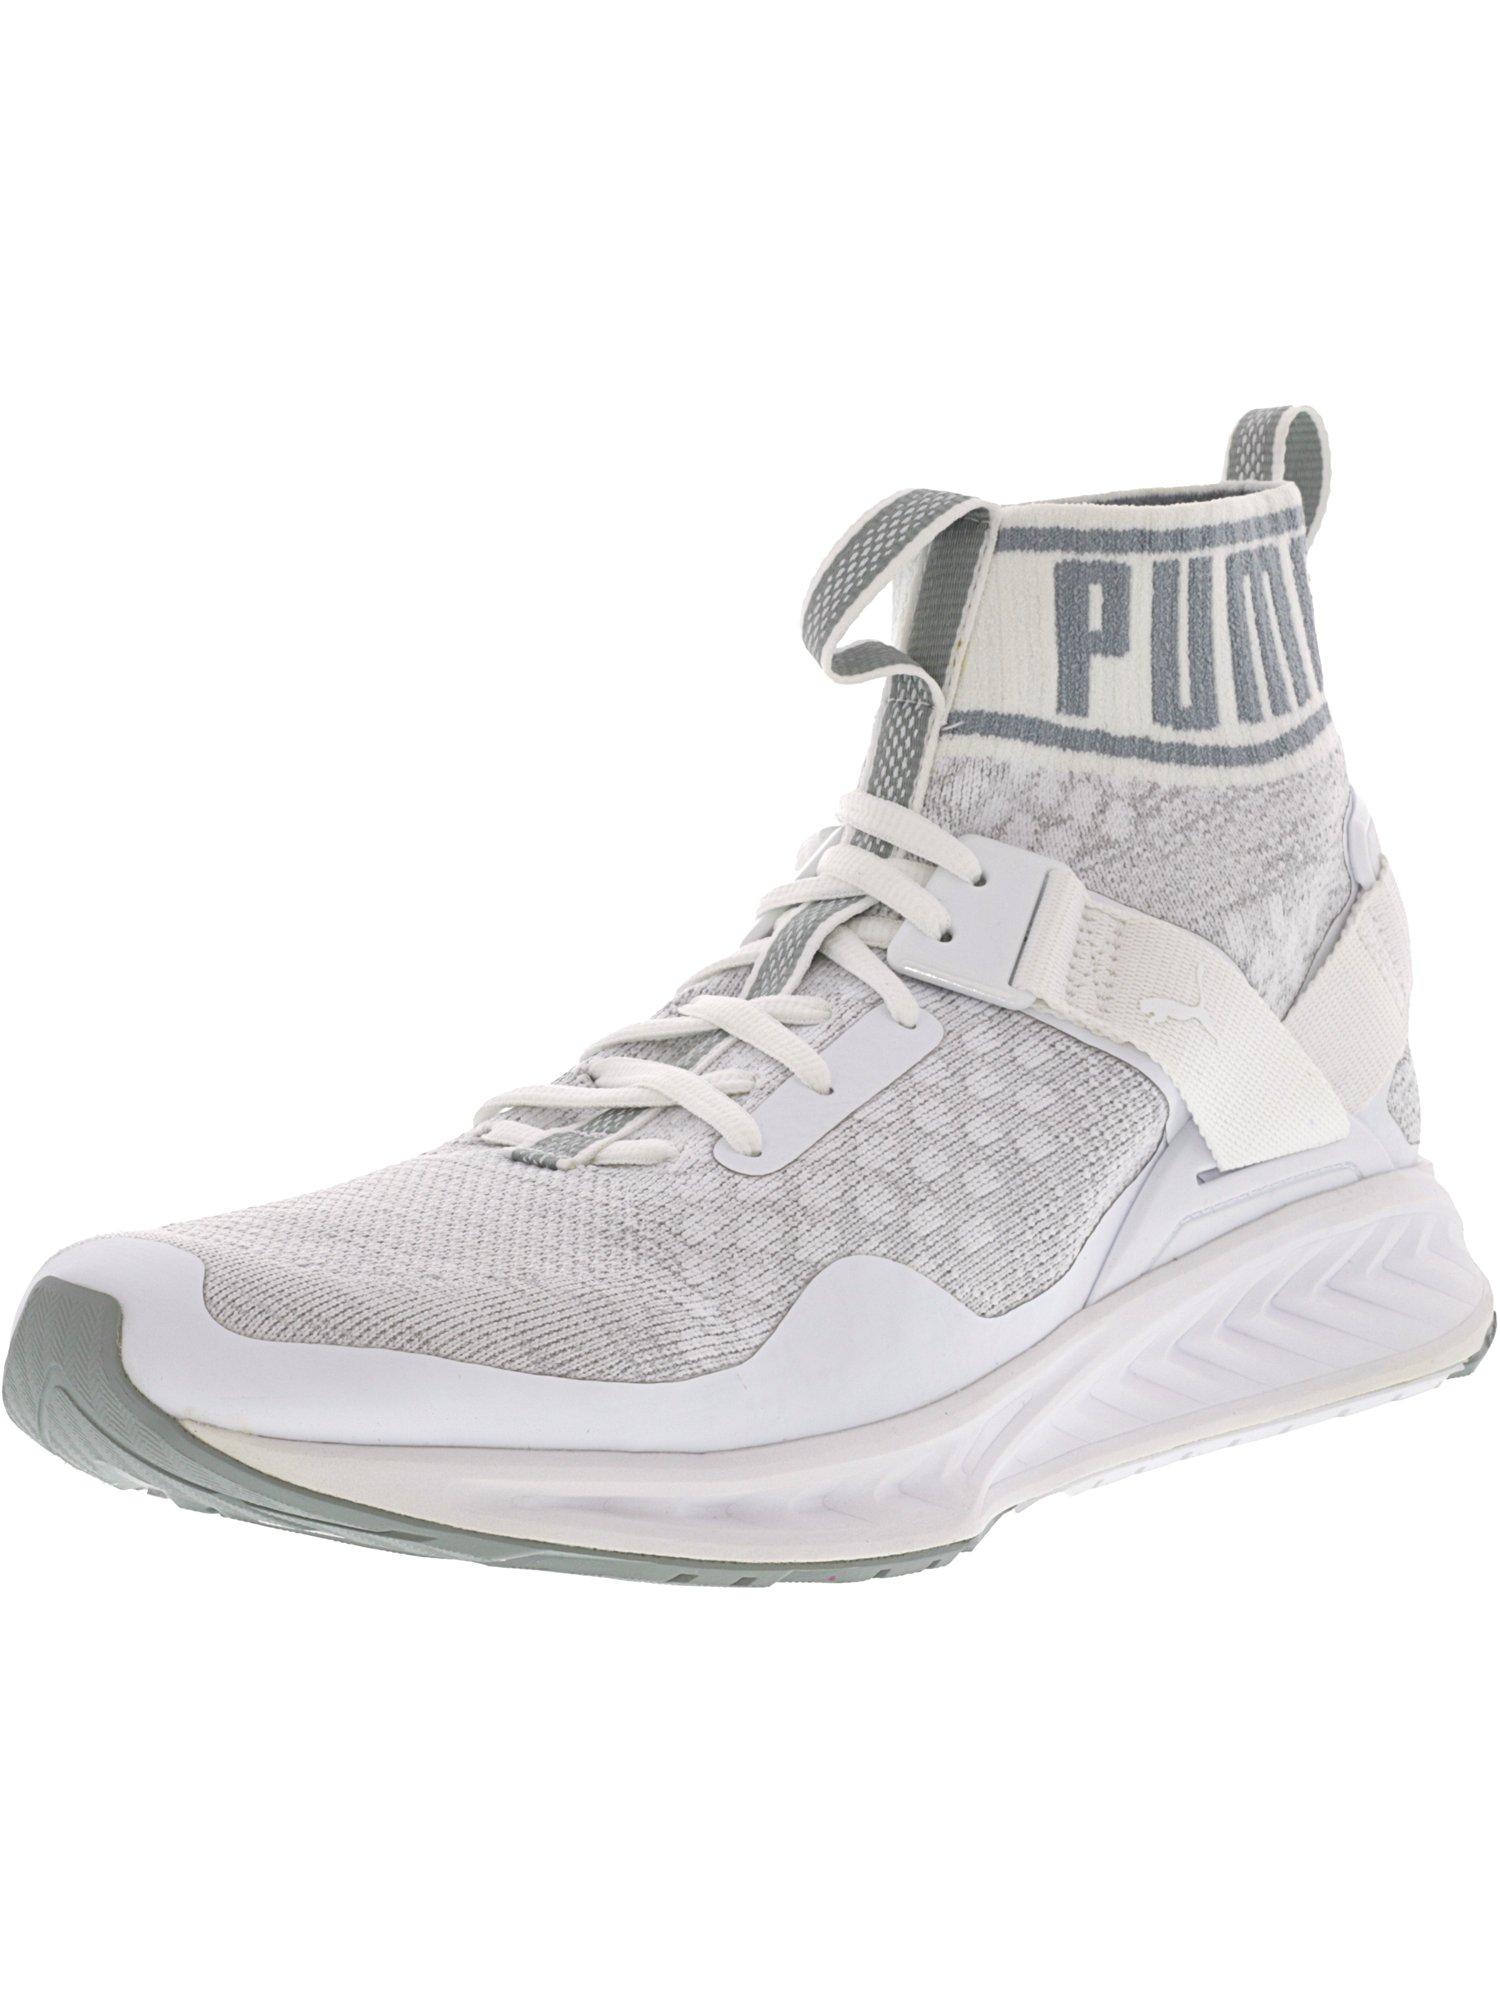 puma evoknit hommes noirs / gris blanc blanc gris s'enflamme la cheville formation chaussures - 8m de haut cac3a2